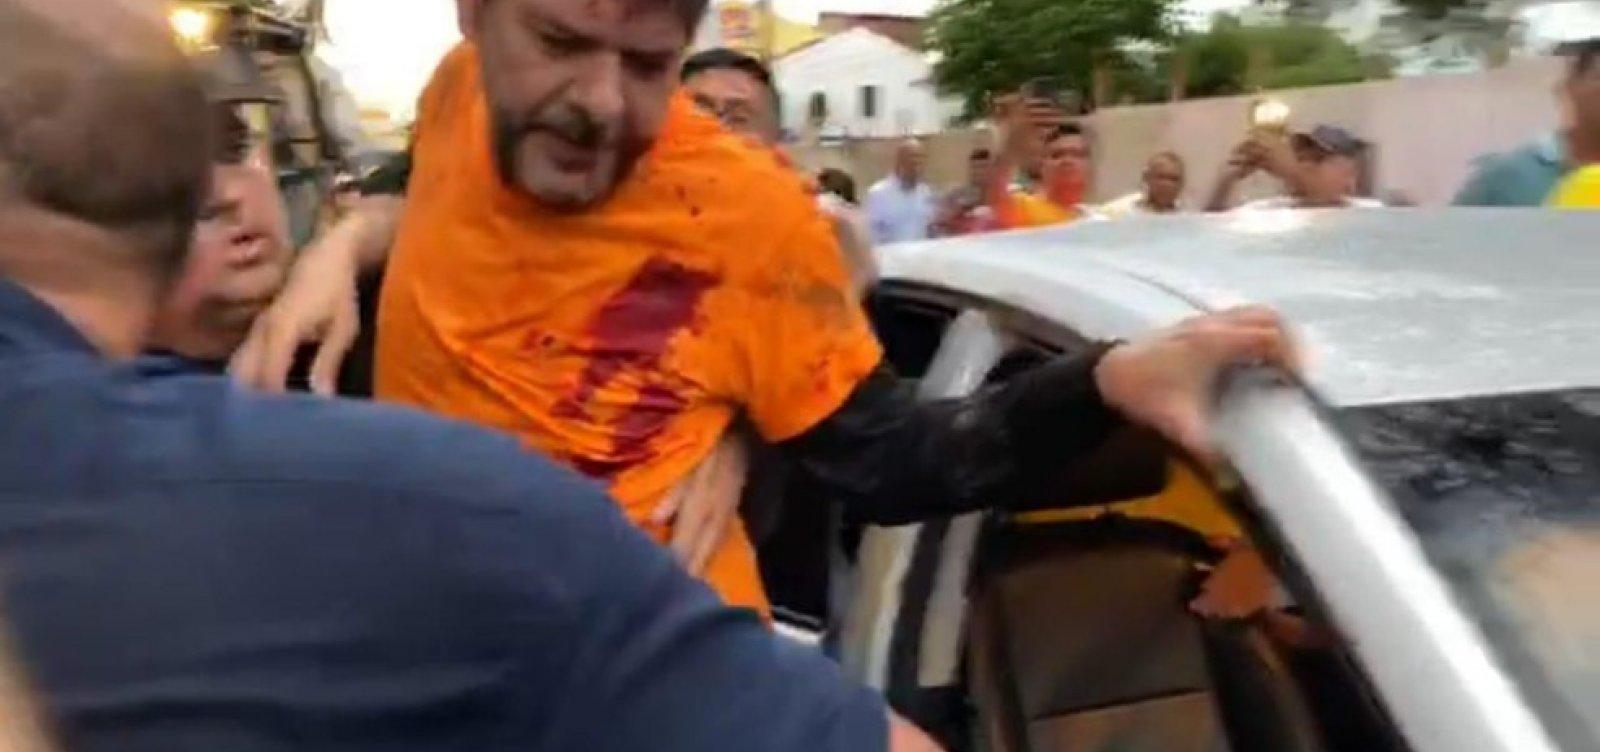 [Assessoria confirma que Cid Gomes foi baleado com arma de fogo e não bala de borracha]